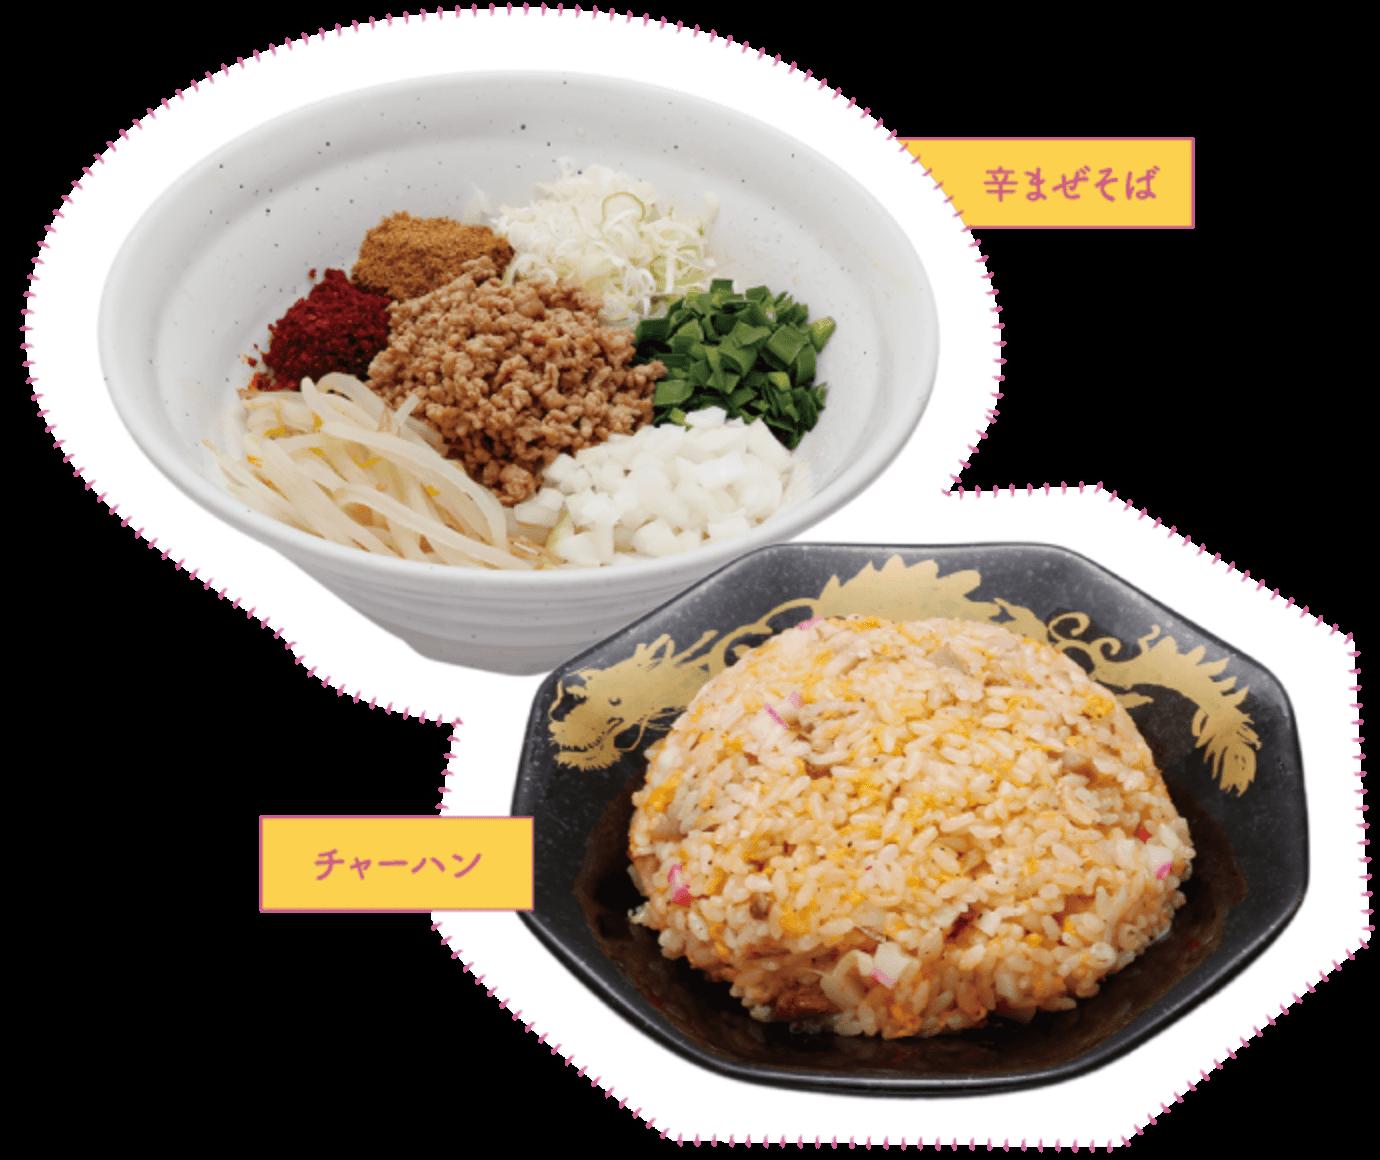 麺道 靖の「辛まぜそば」、「チャーハン」